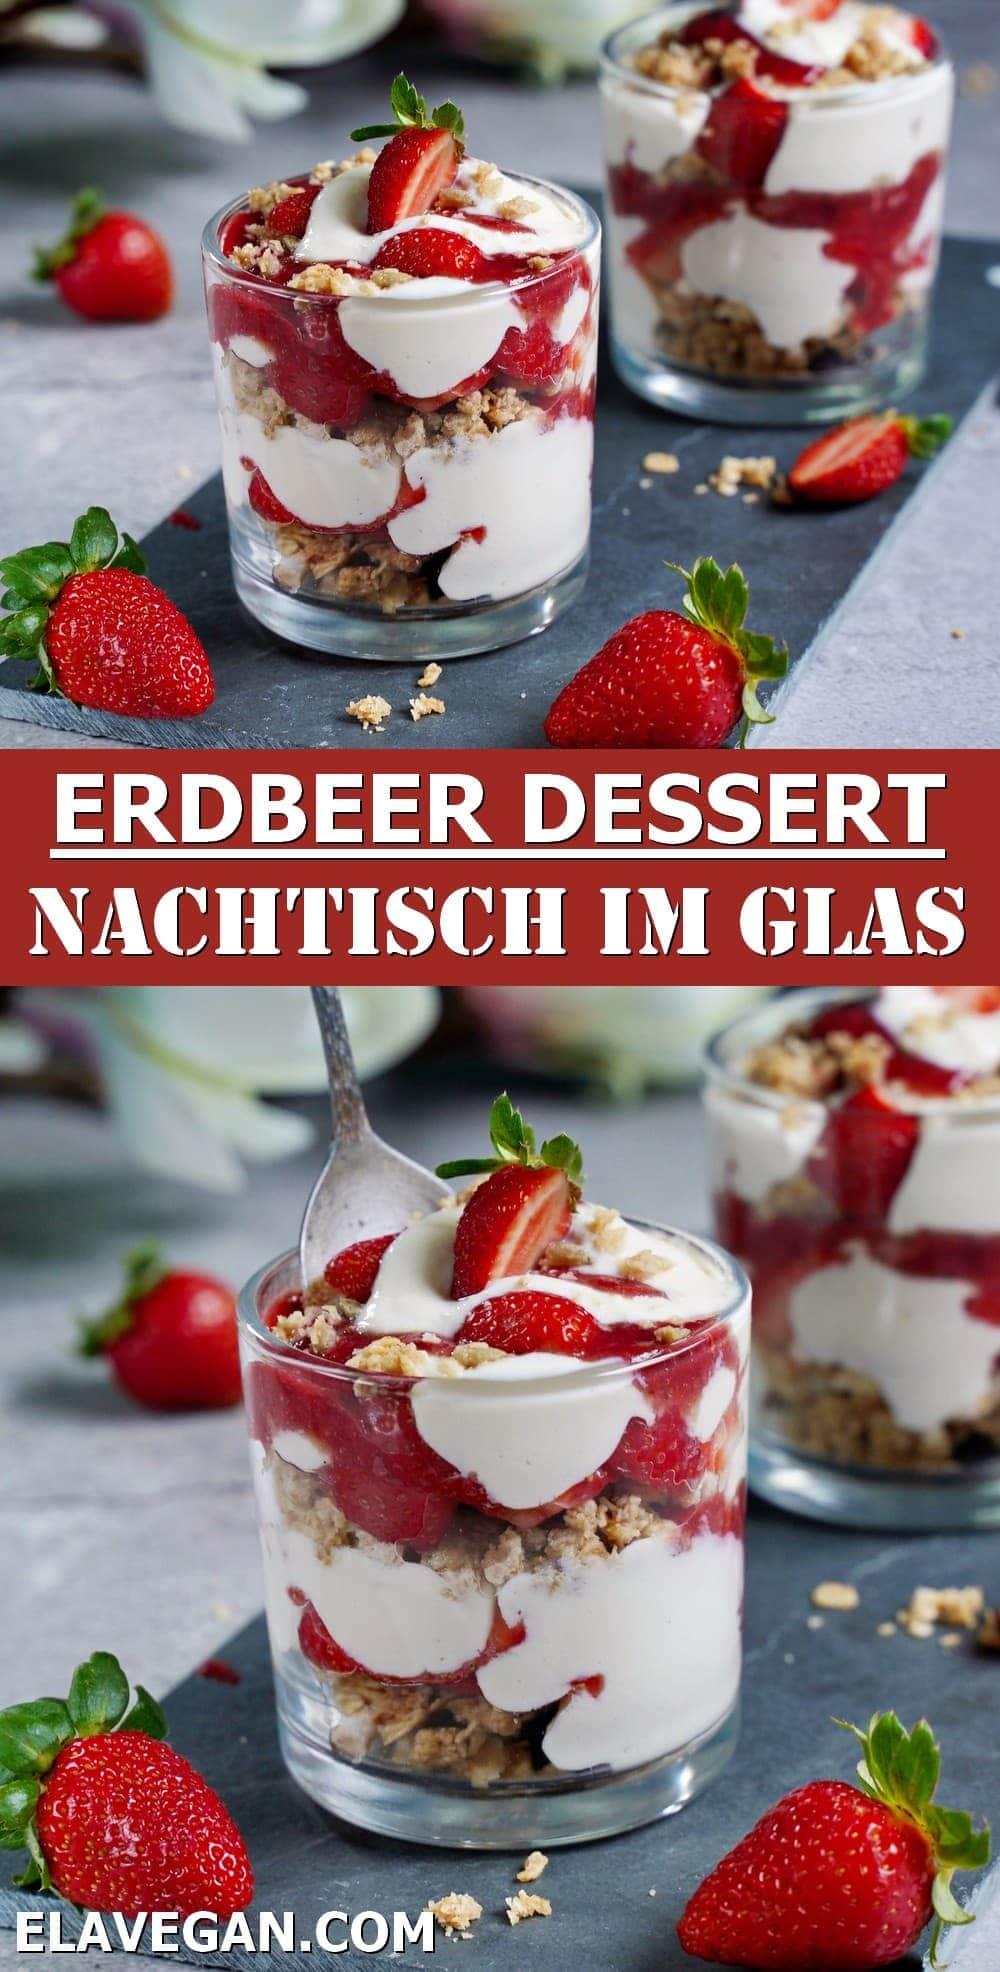 Pinterest Collage Erdbeer Dessert Nachtisch im Glas